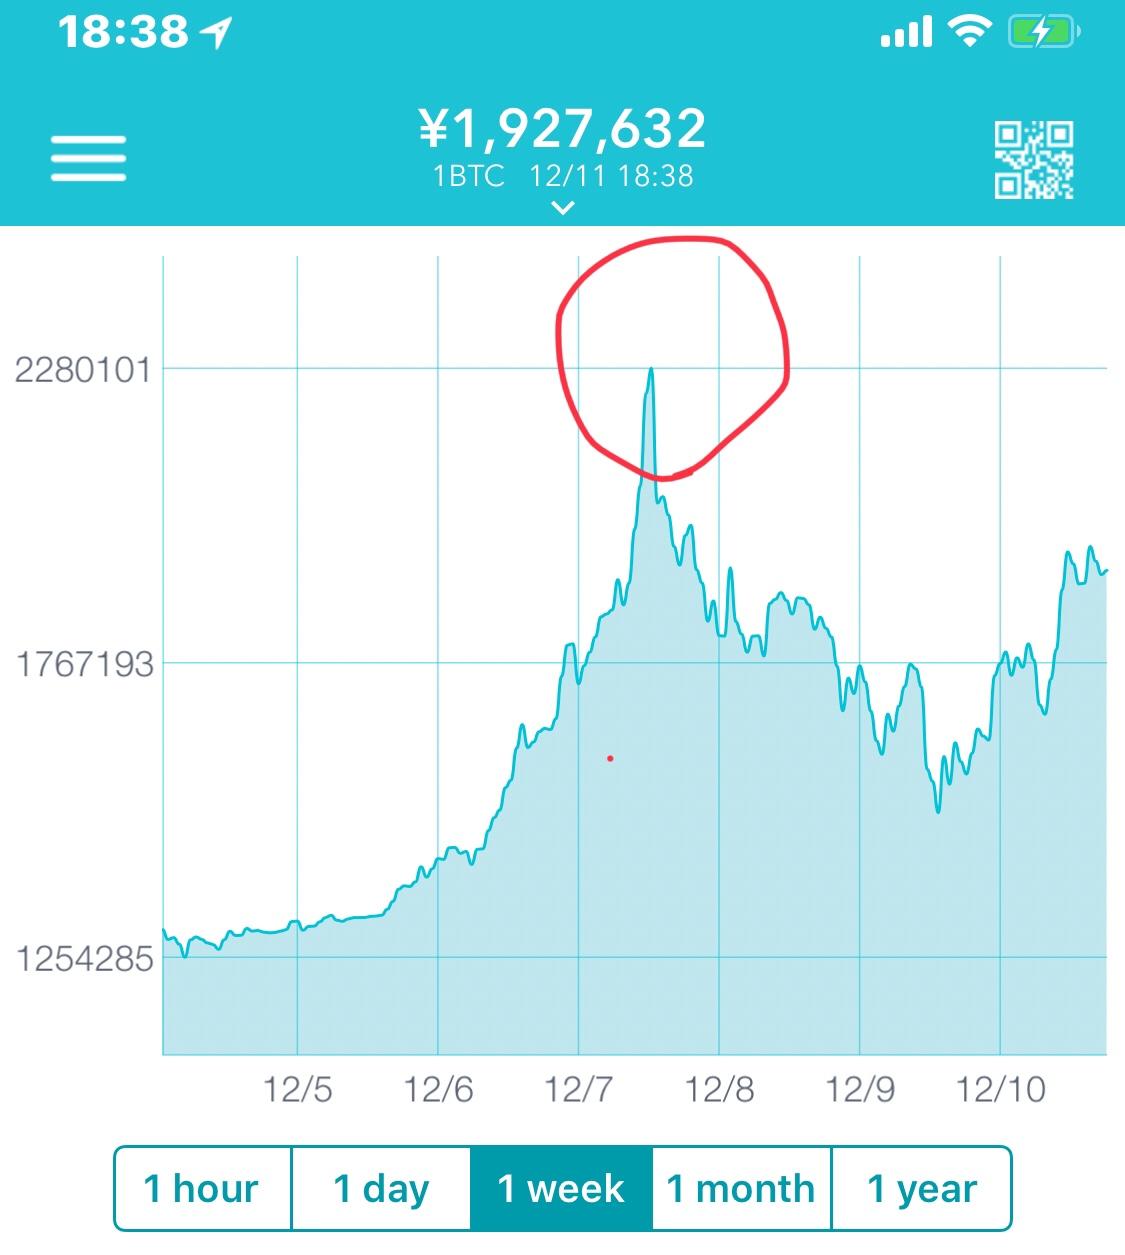 ビットコイン価格「2万ドル」突破|BTC史上最高値更新、新たなステージへ | ビットバンク マーケット情報